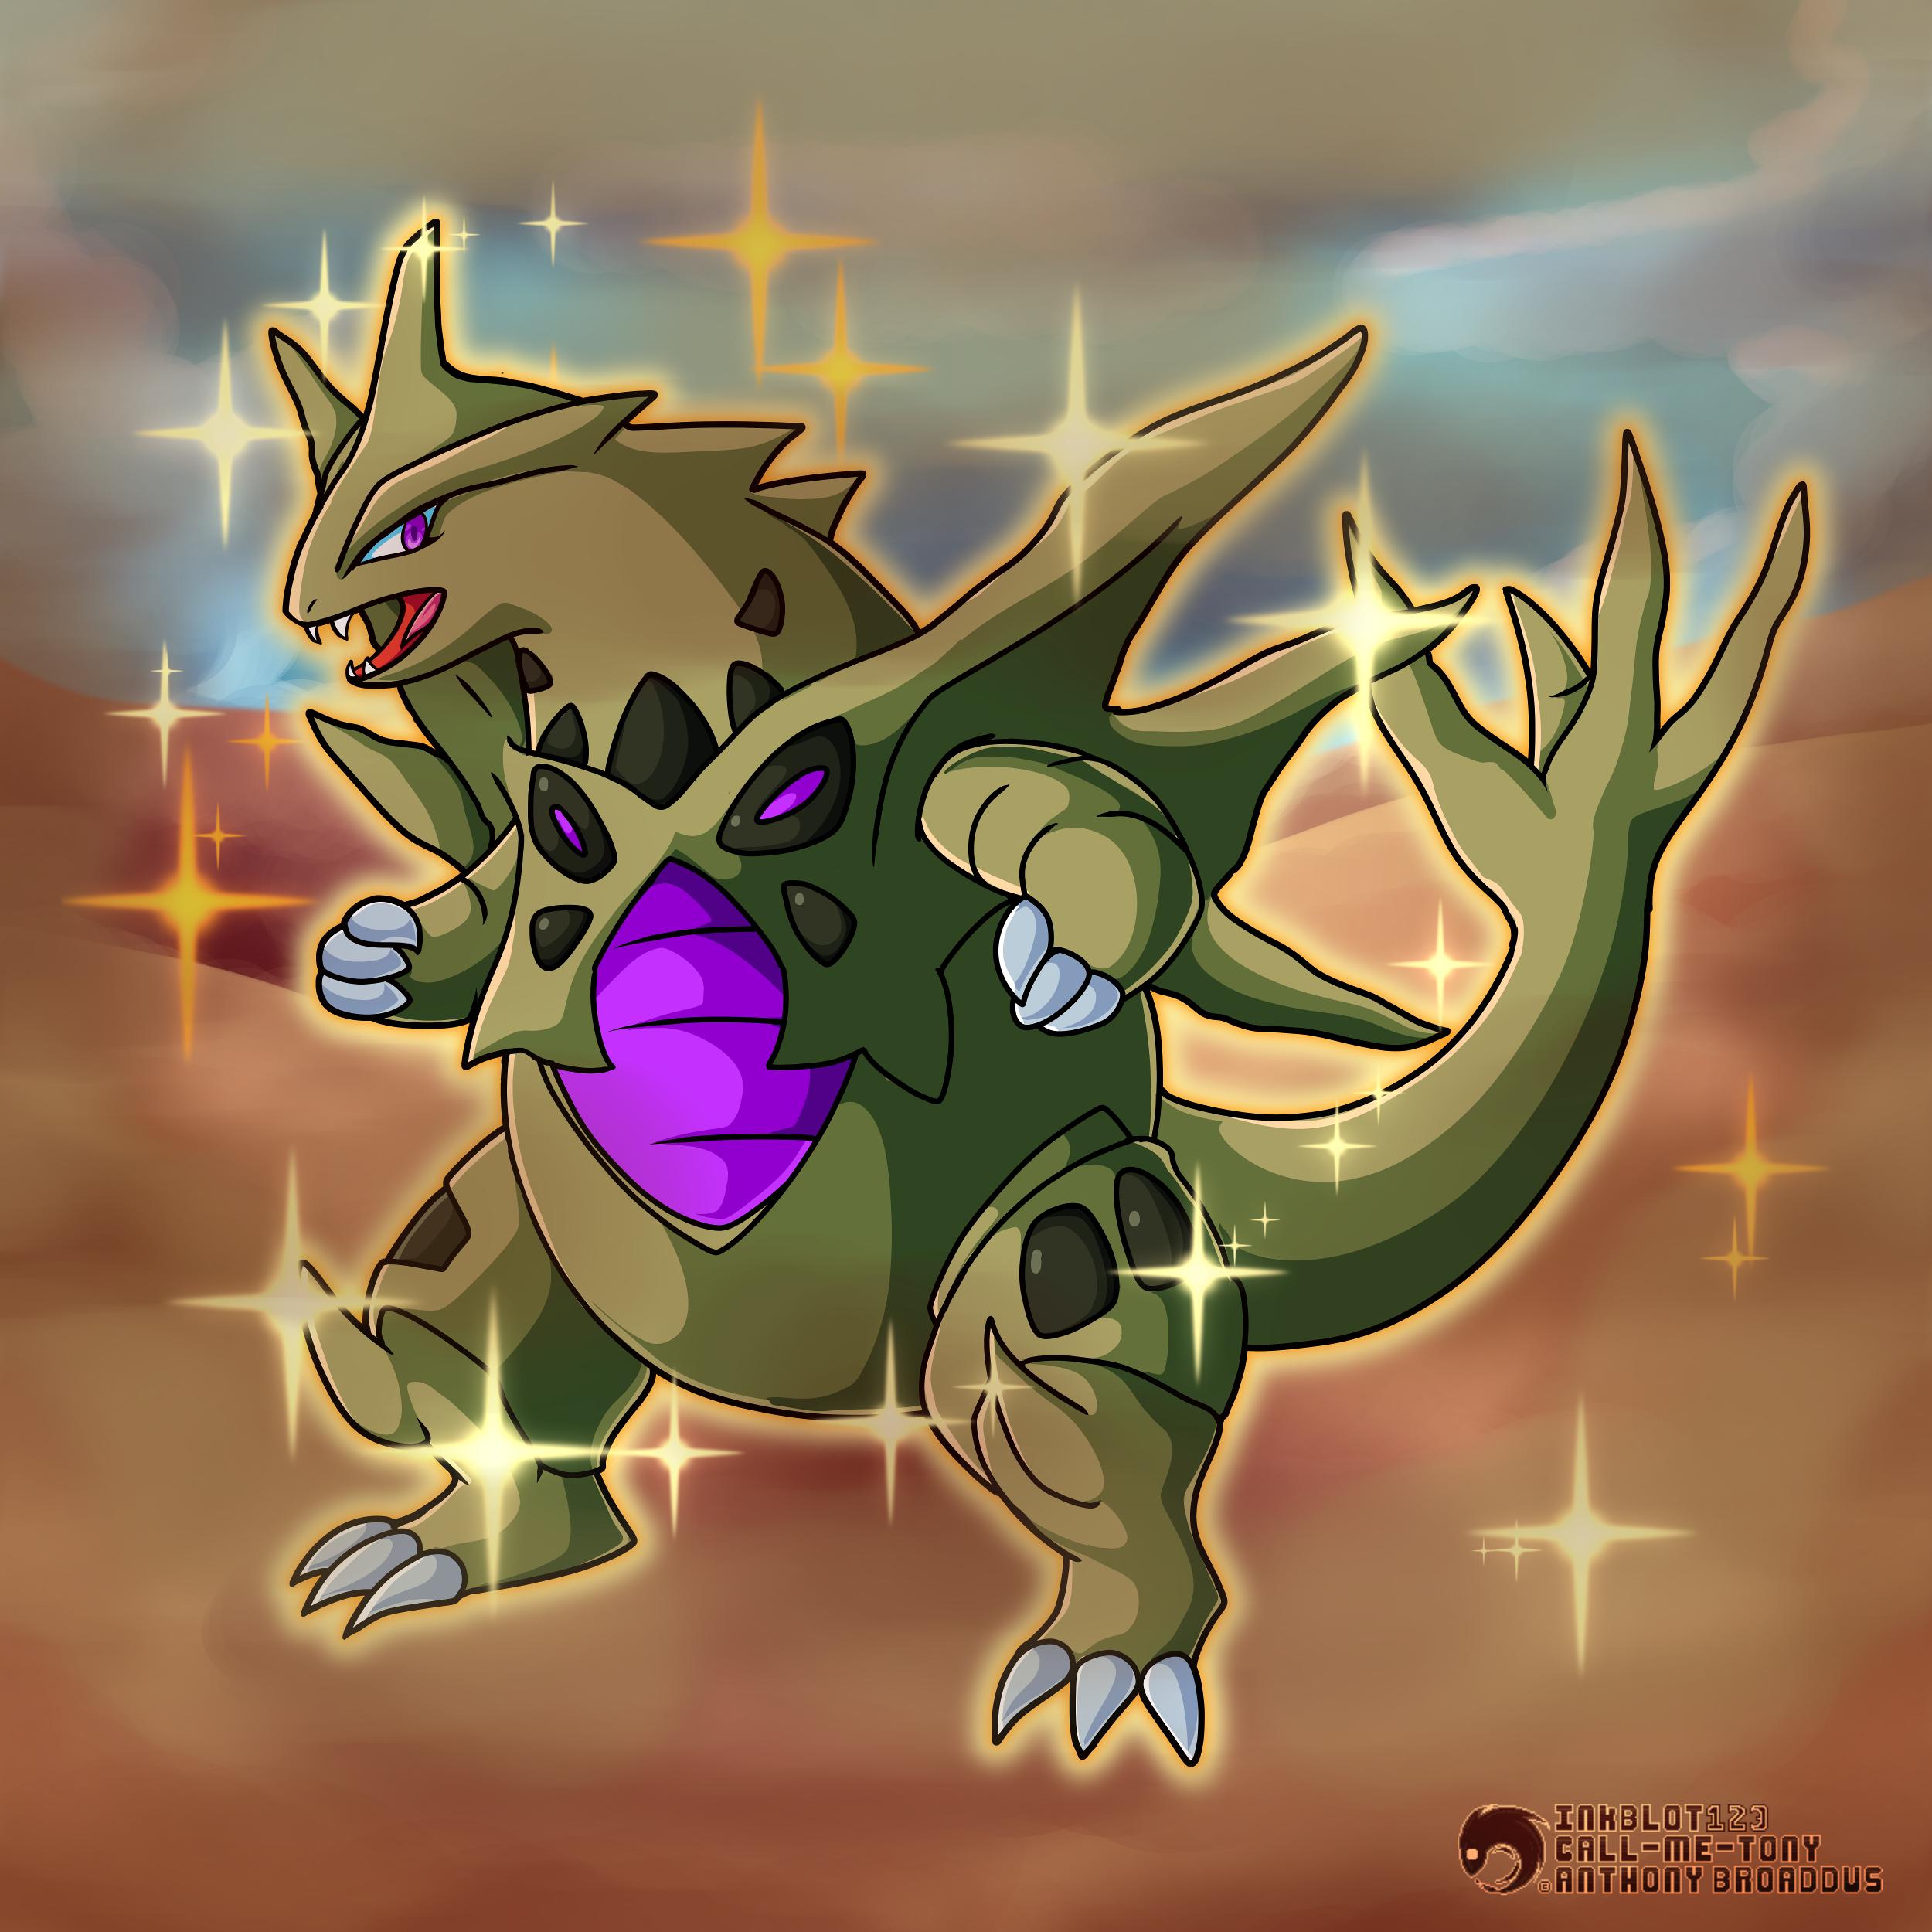 #248 - The Armor Pokemon - Tyranitar (Shiny Mega) by ...